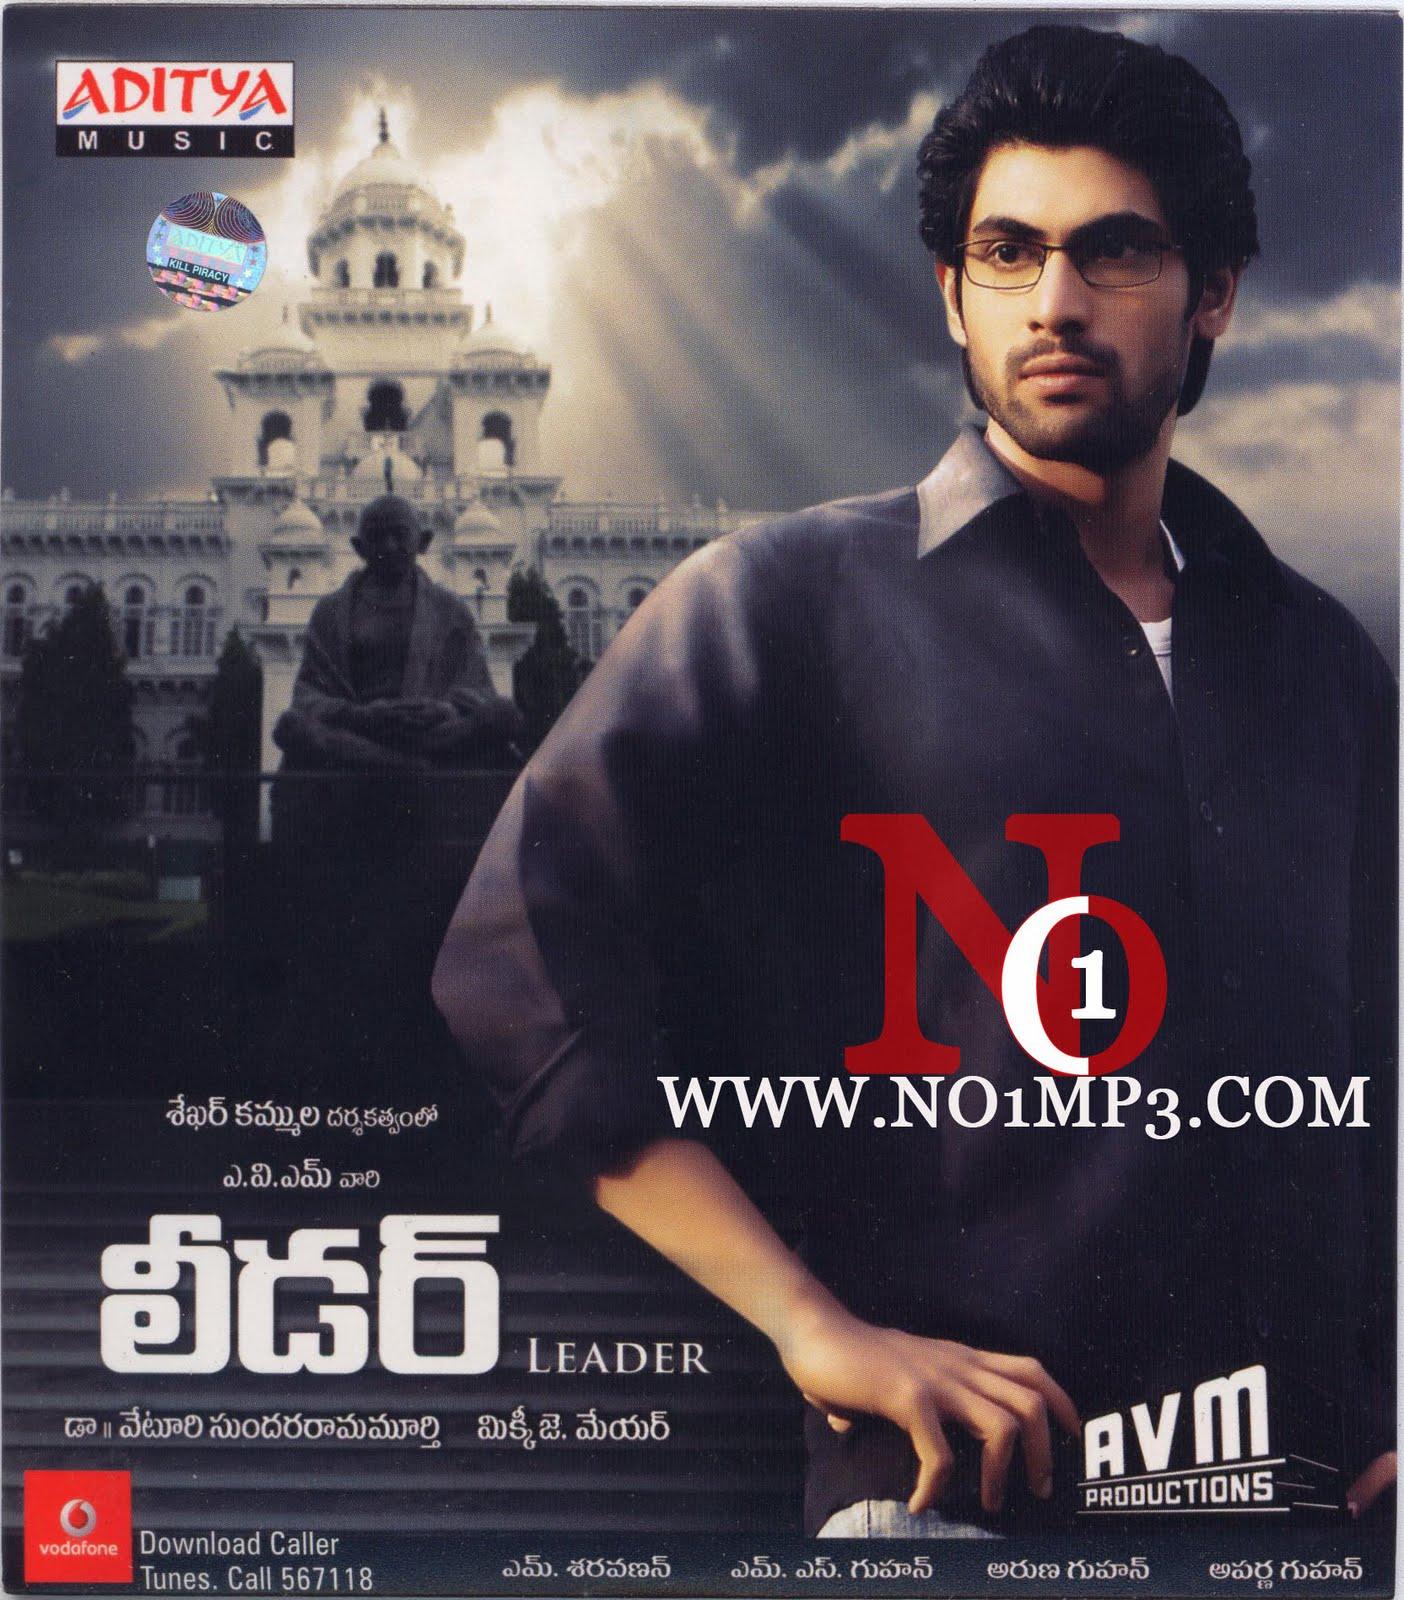 Avatar 2 Full Movie In Telugu: Leader (2009) 128&320 Kbps Mp3 Telugu Movie Audio Mp3